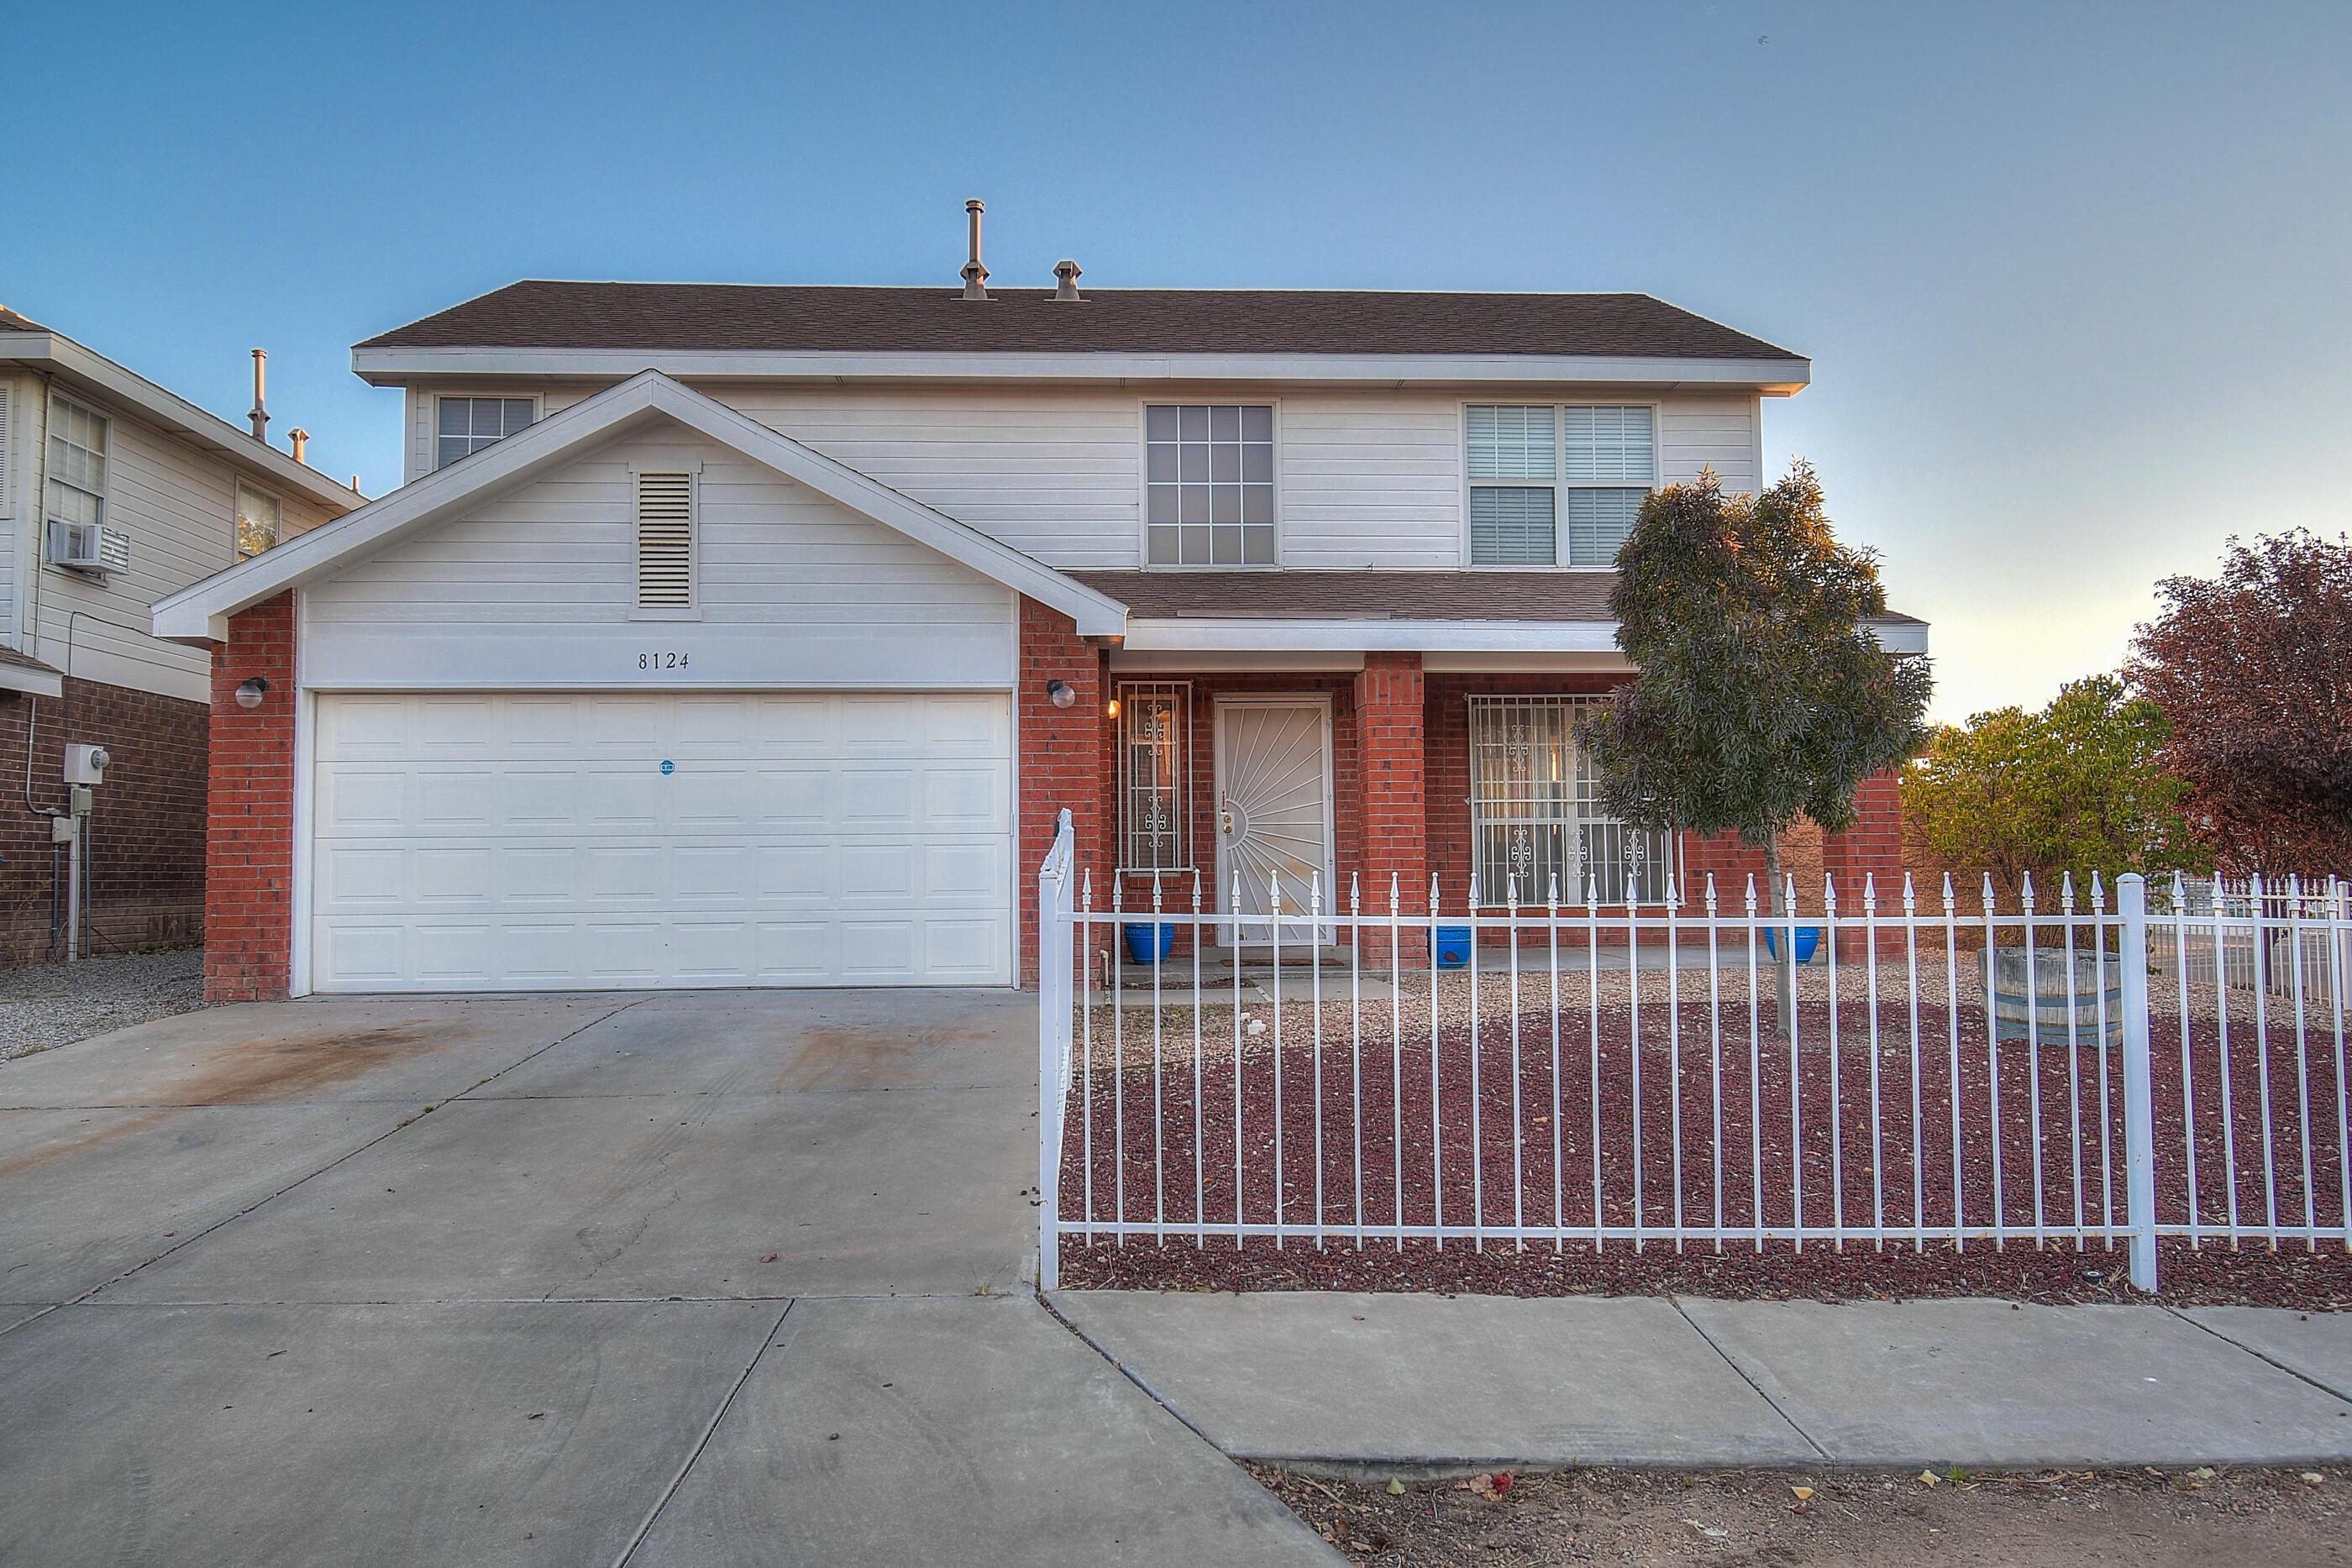 8124 SADDLEBROOK Avenue, Albuquerque NM 87120